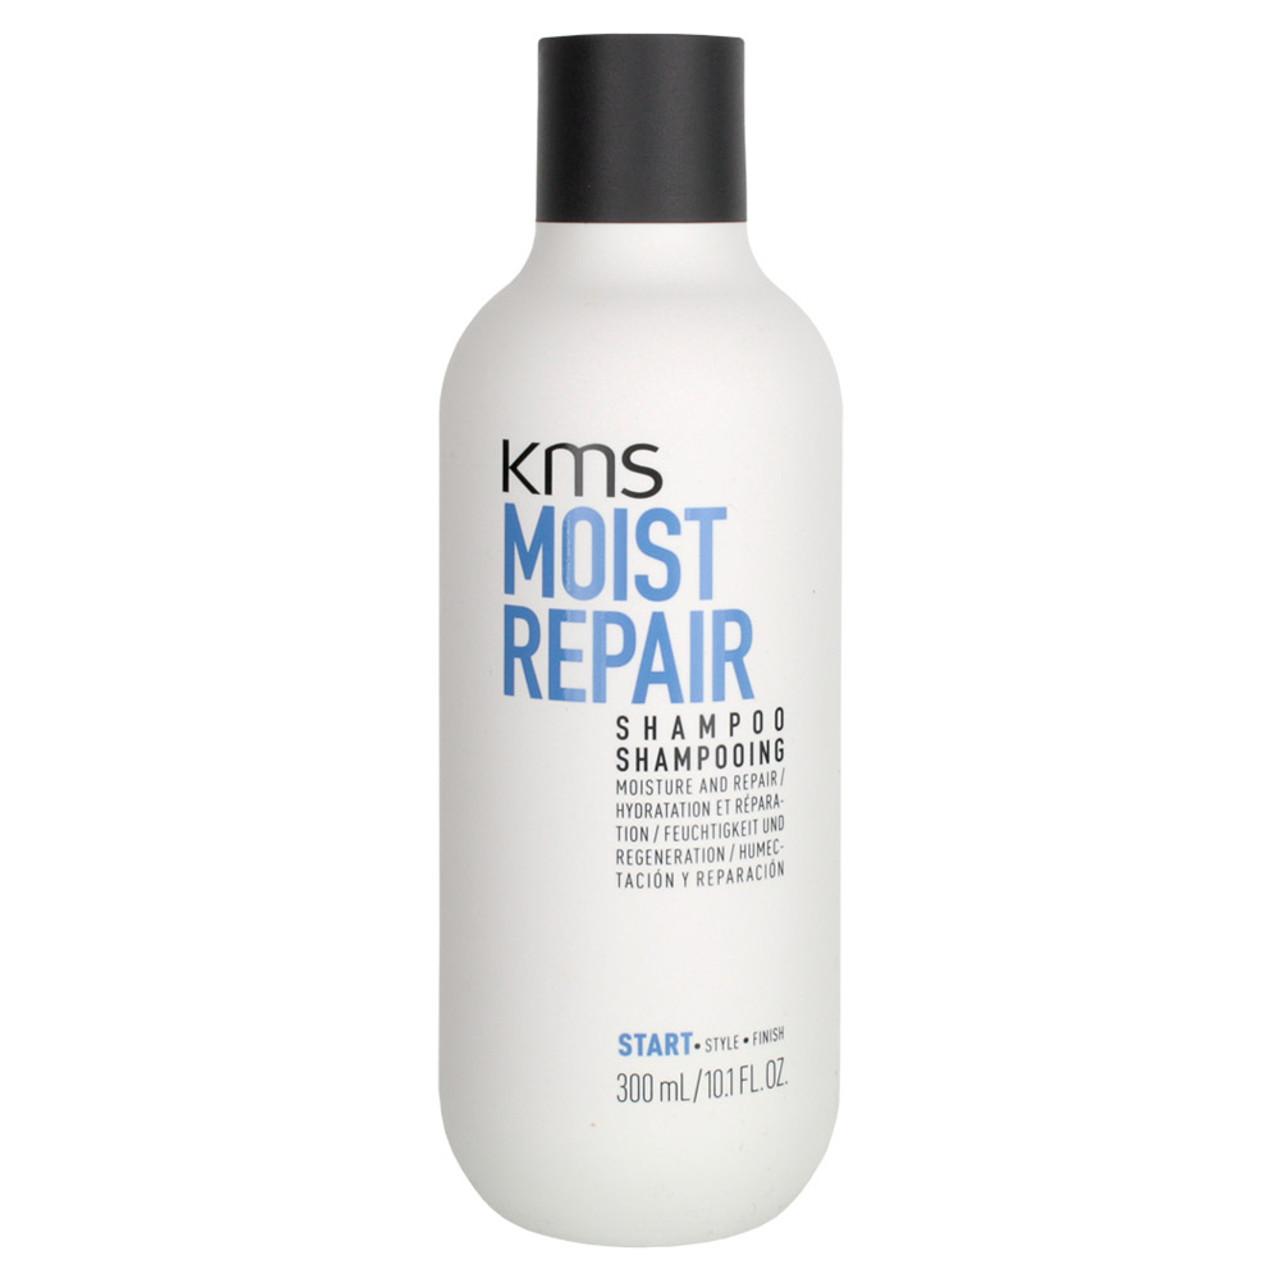 KMS Moist Repair Shampoo 10.1 oz